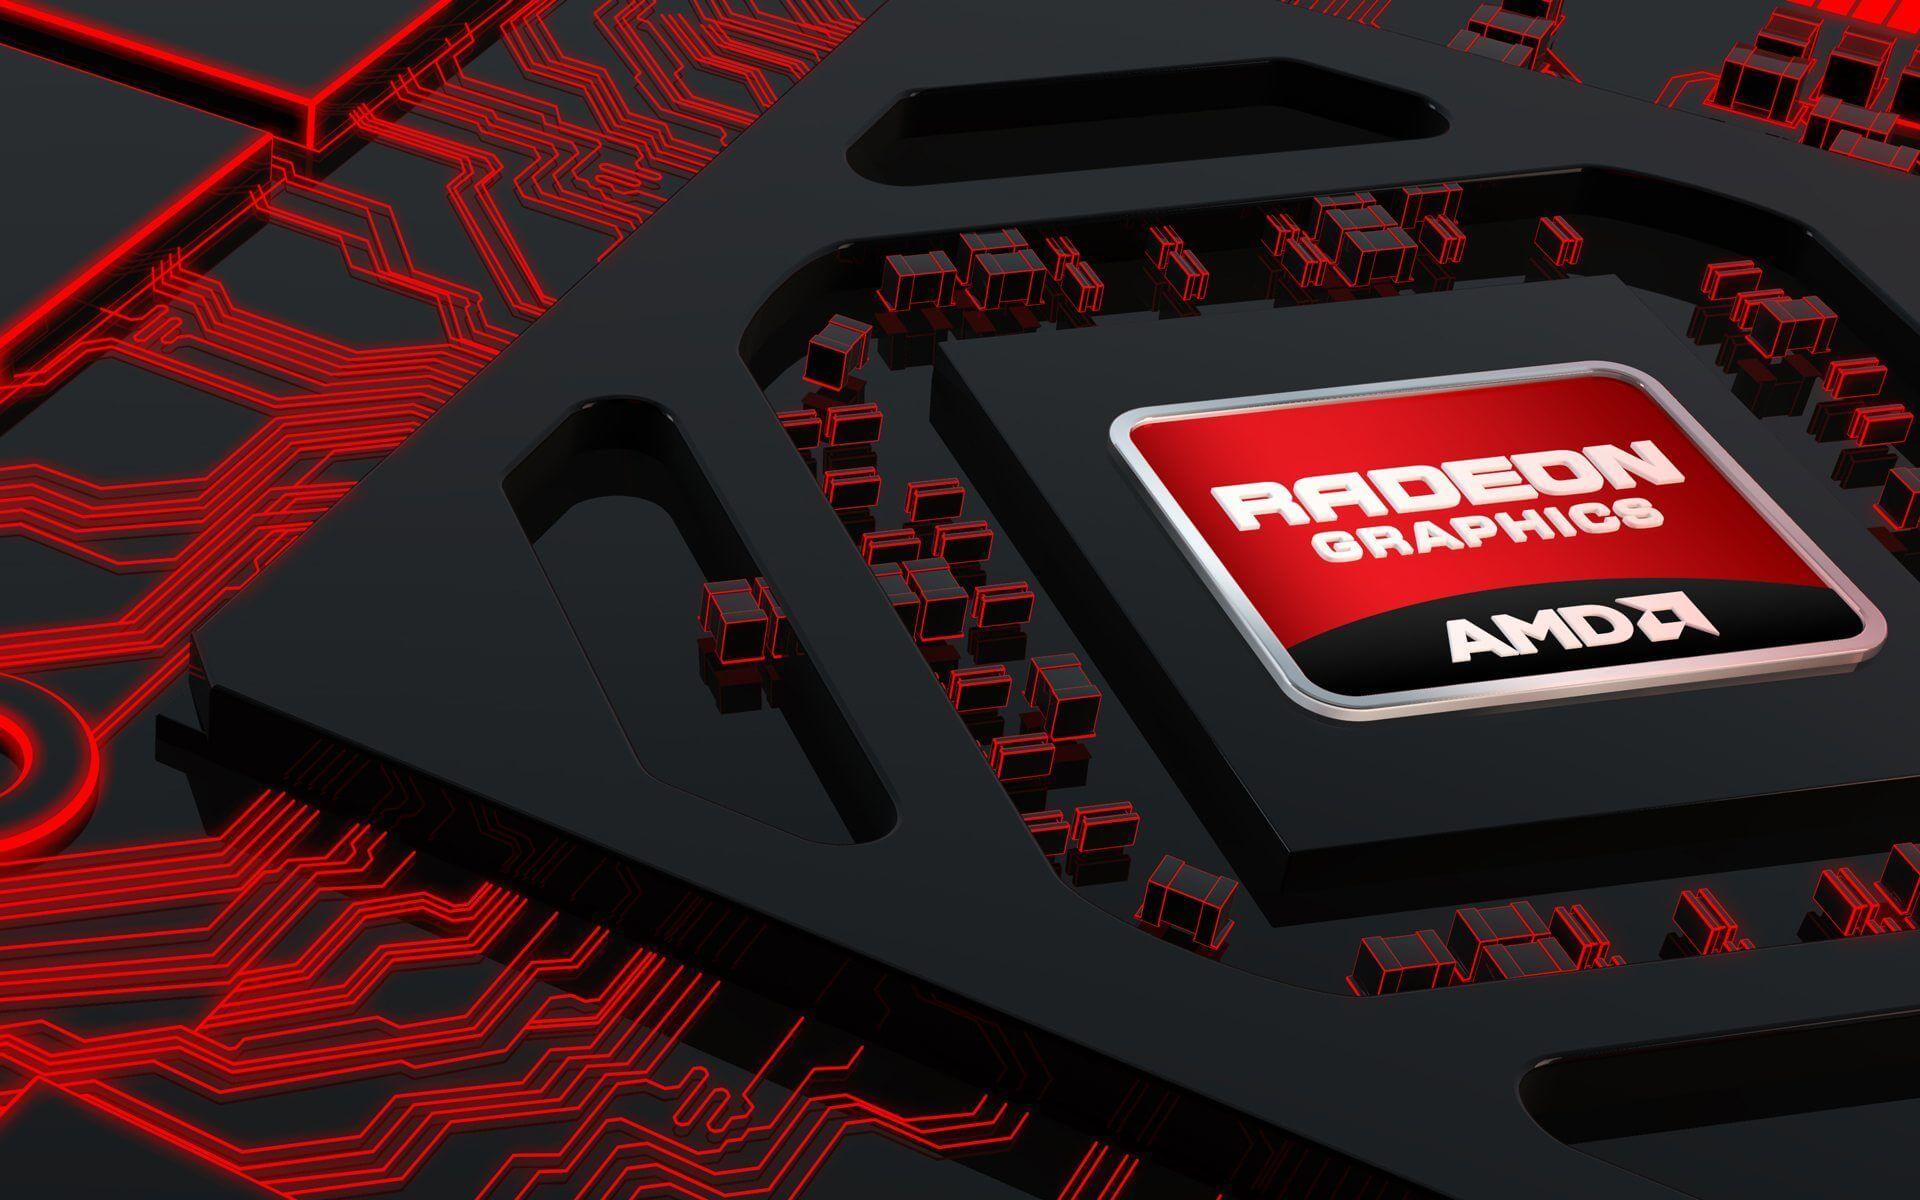 smt amd capa - Apostando nos games, AMD apresenta sua nova linha de GPUs